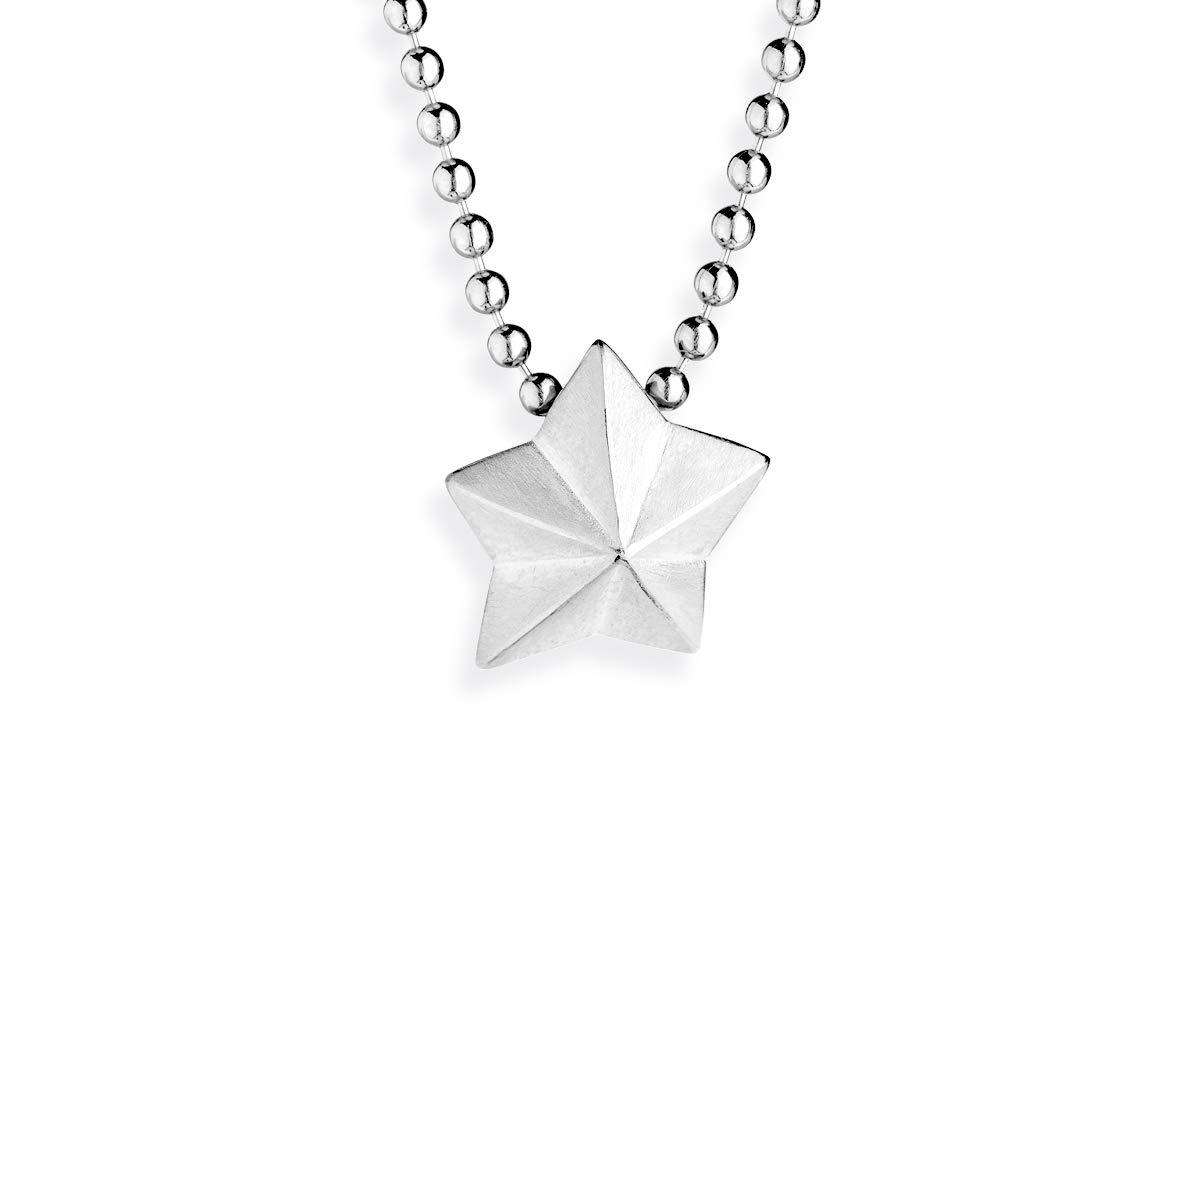 Collection /étoiles Brillantes /& Chapelet Petit Pendentif /étoile en Argent Sterling 925 Drachenfels Design Pendentif /étoile de Dragon en Argent v/éritable